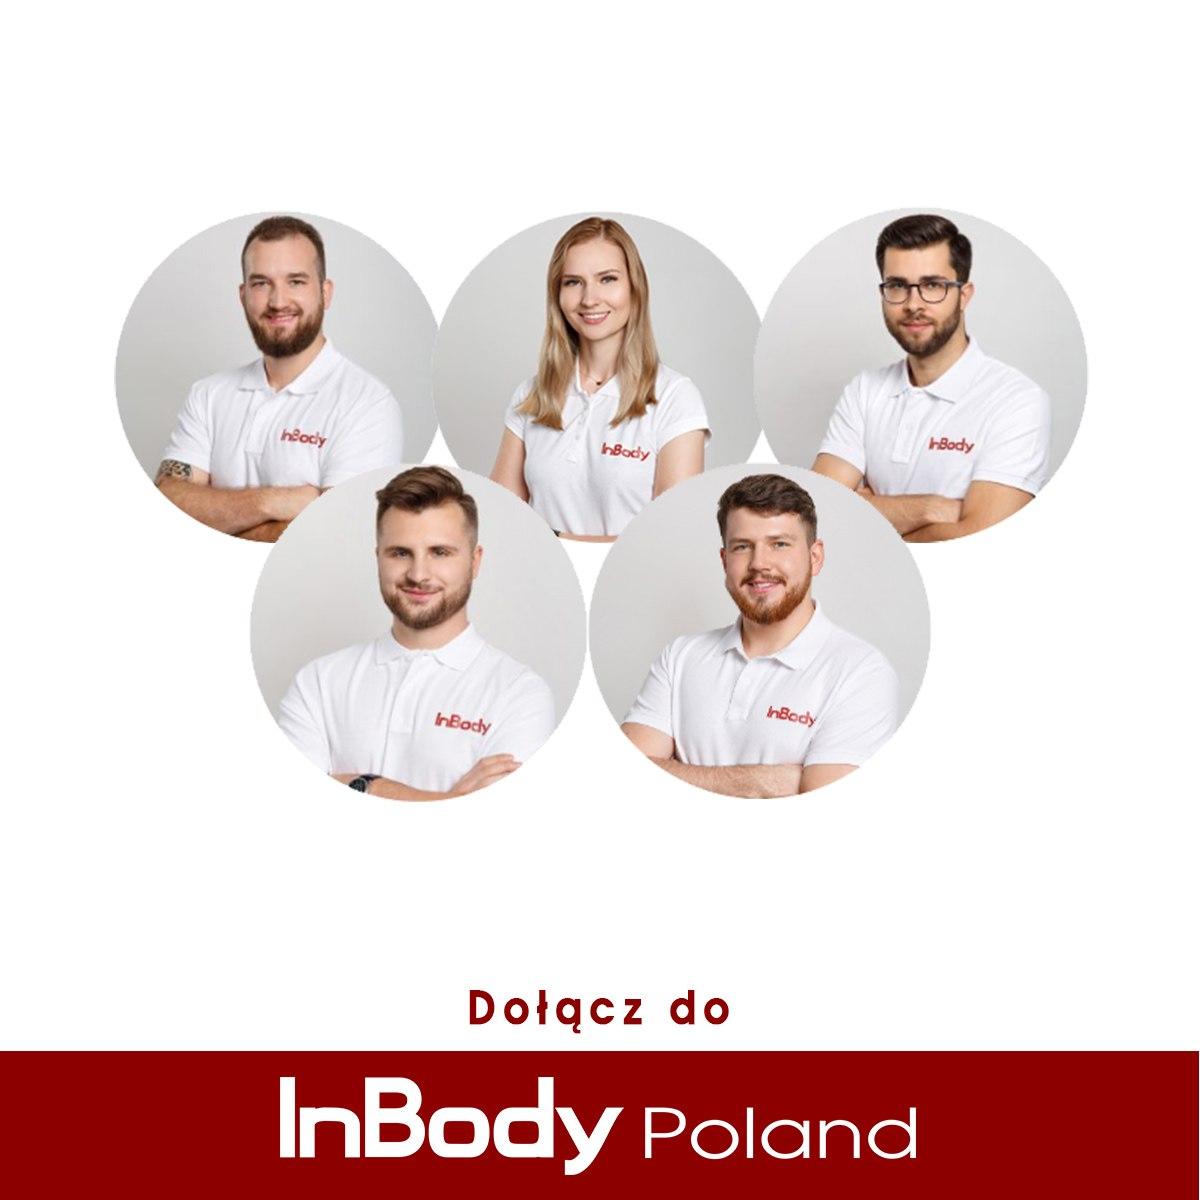 InBody Poland szuka Przedstawiciela Handlowego na północną Polskę!